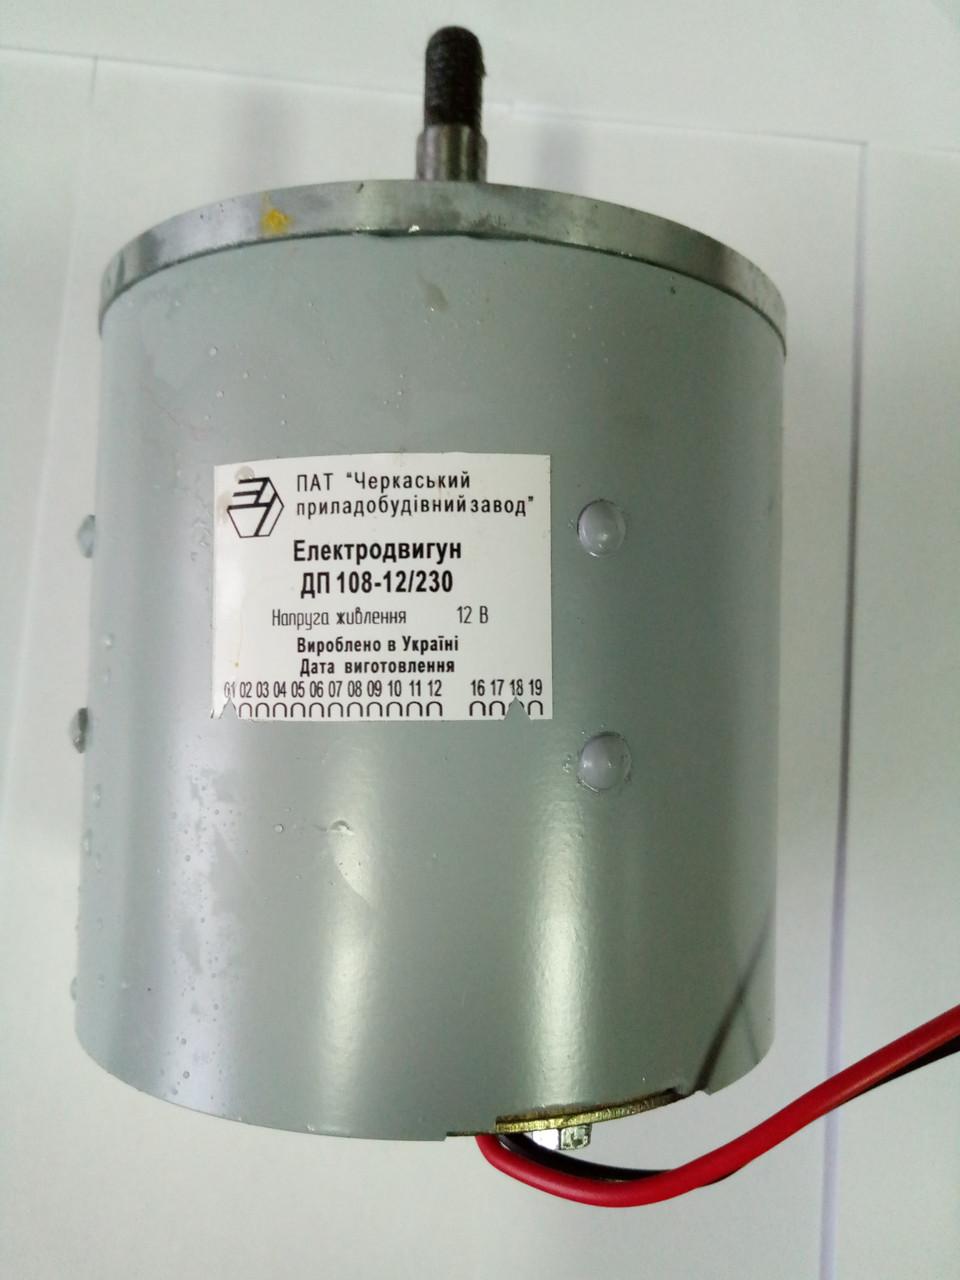 Электродвигатель ДП 108-12/230 (230w 12v двигатель медогонки) - фото 1